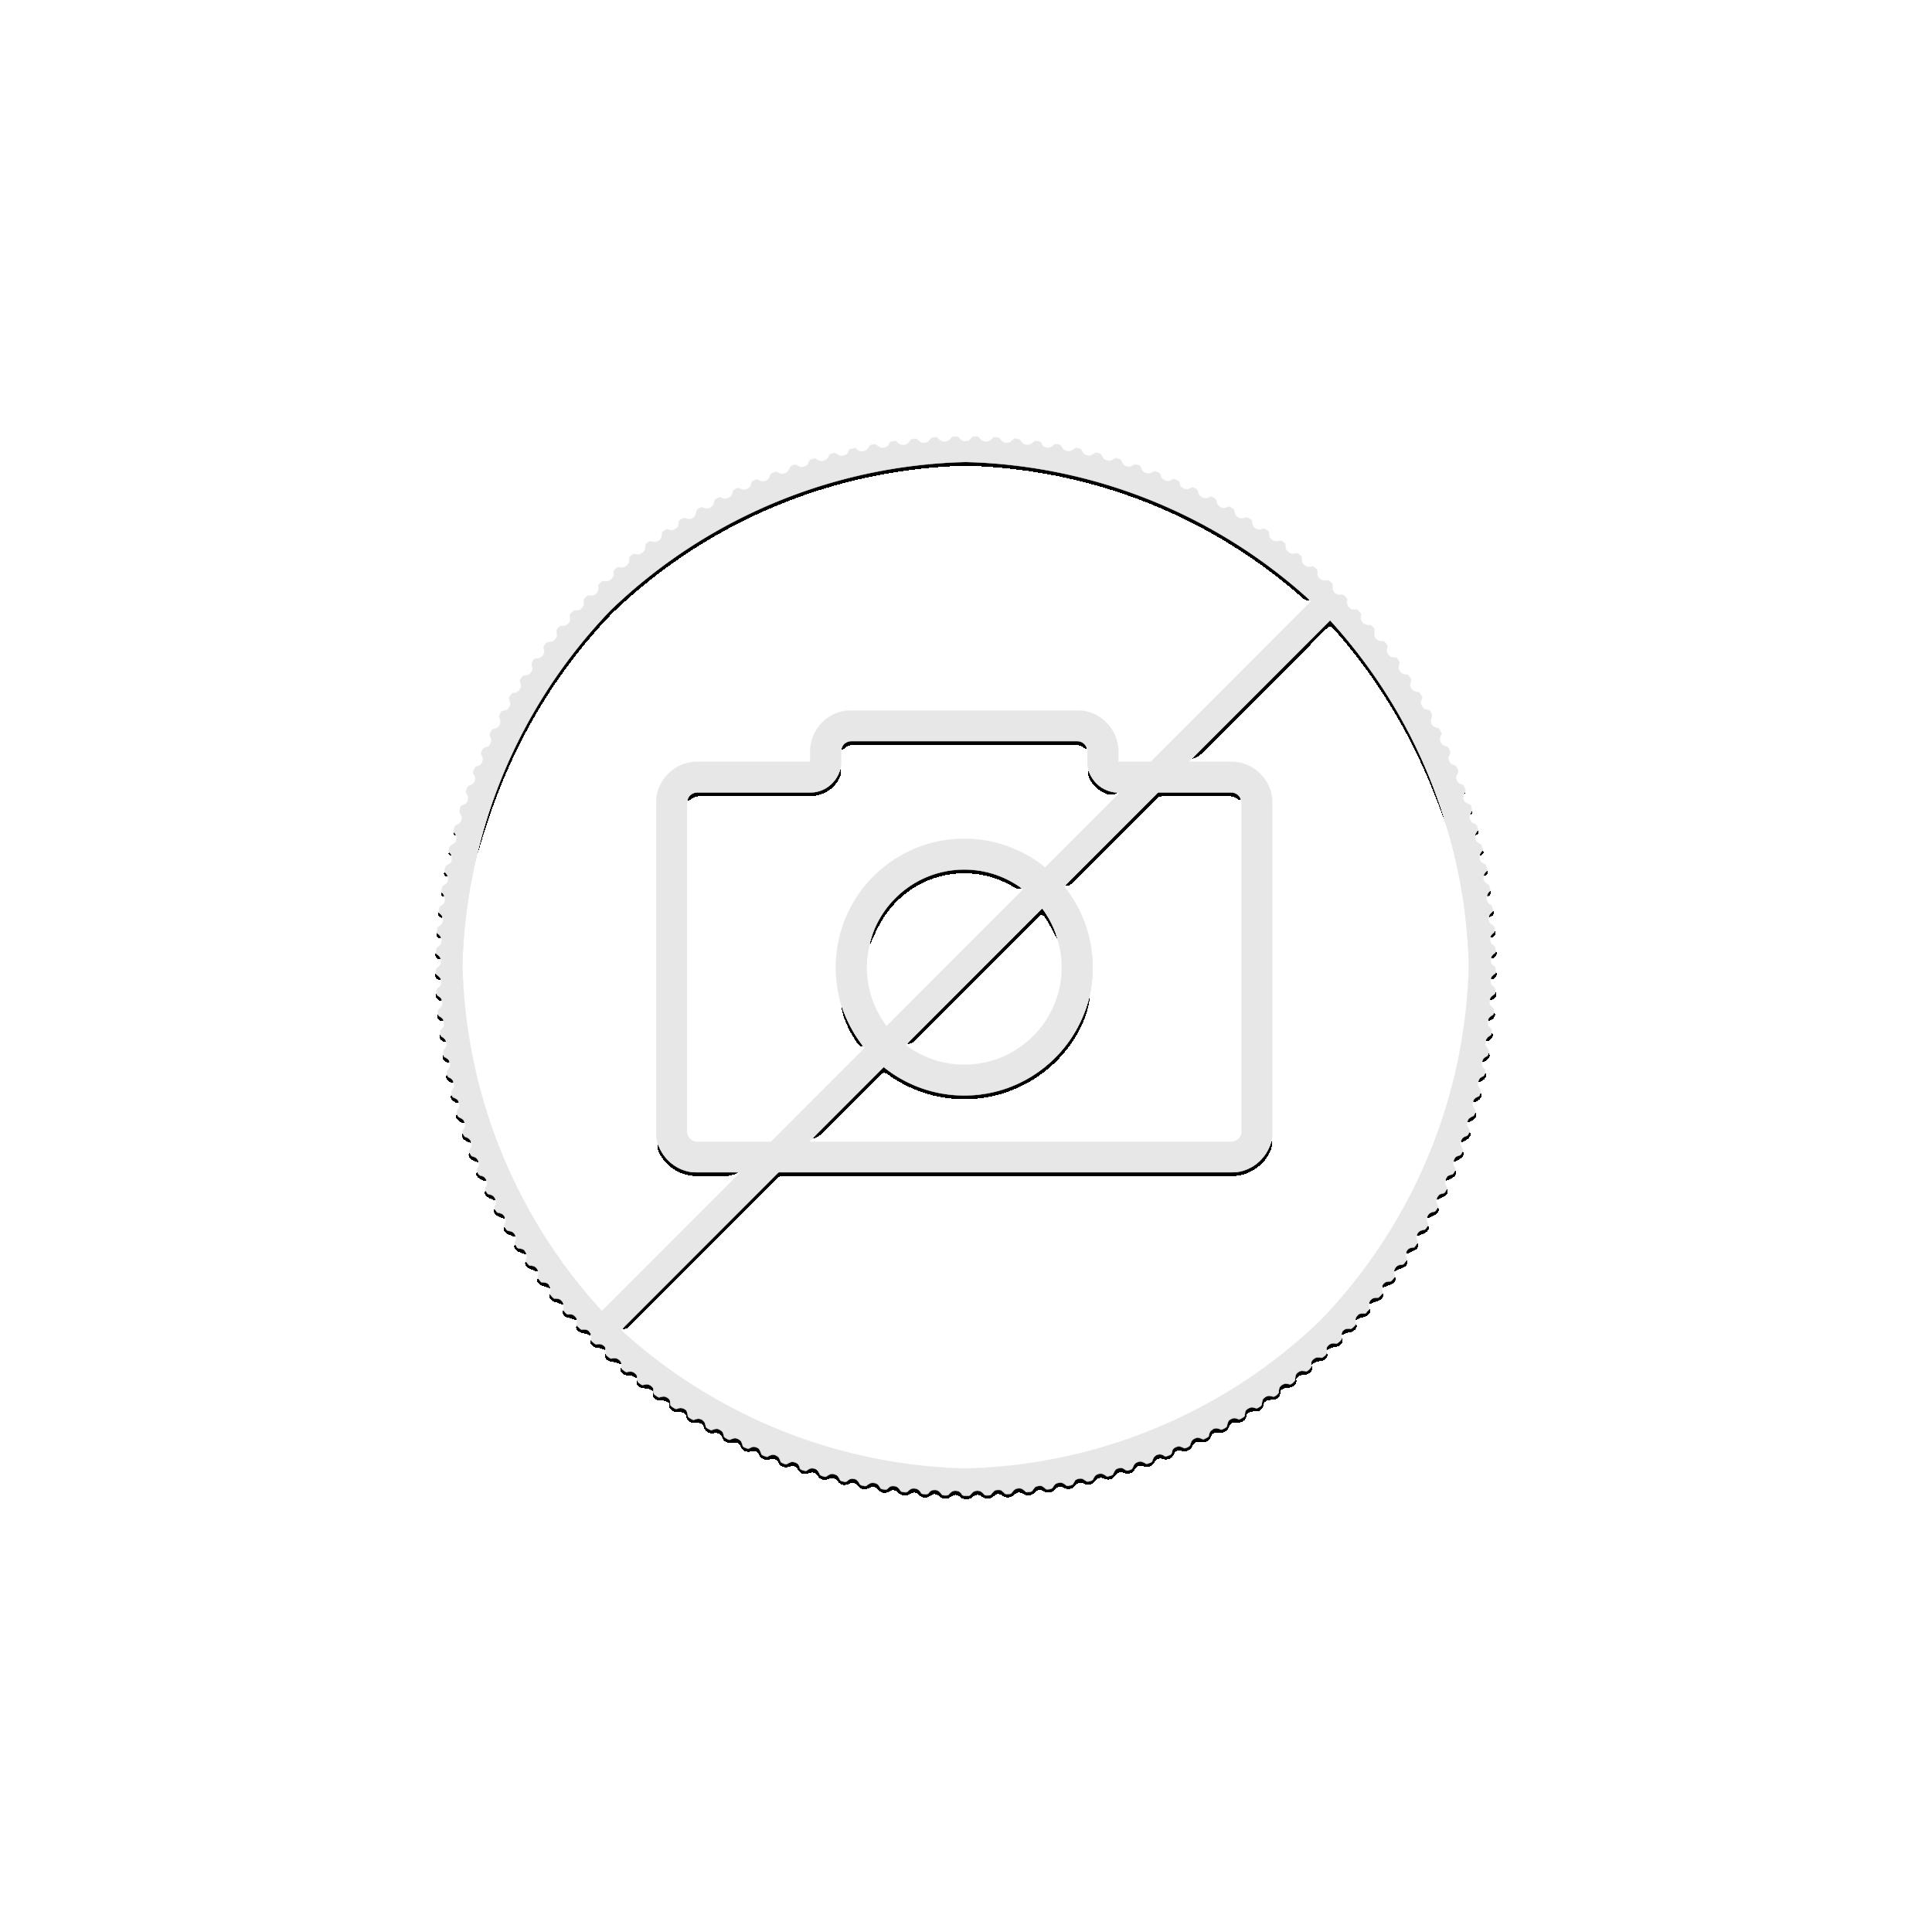 Achterkant Kookaburra kilo munt zilver 2012